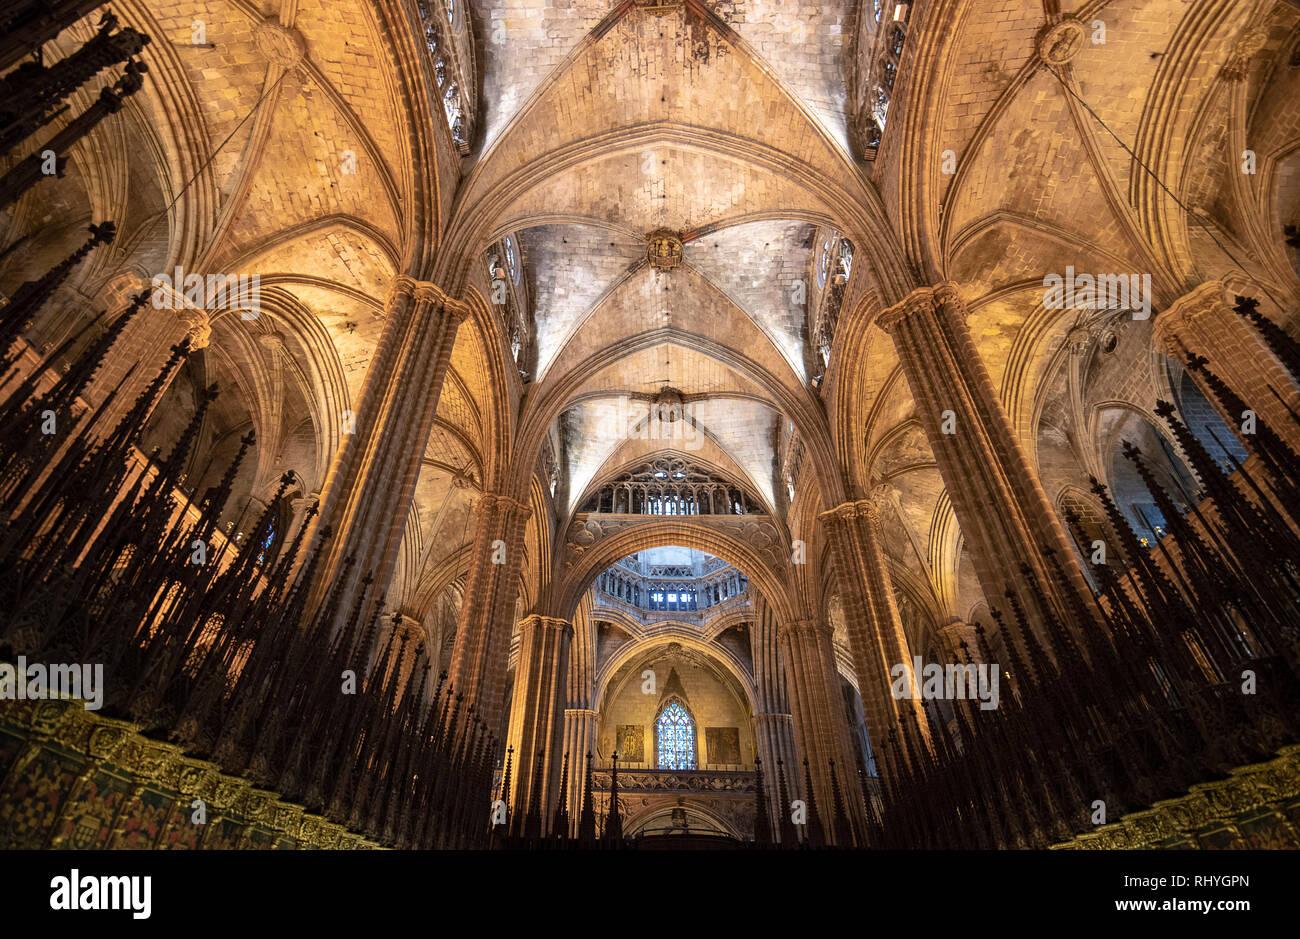 Catedral De La Santa Cruz Y Santa Eulalia De Barcelona High Resolution Stock Photography And Images Alamy